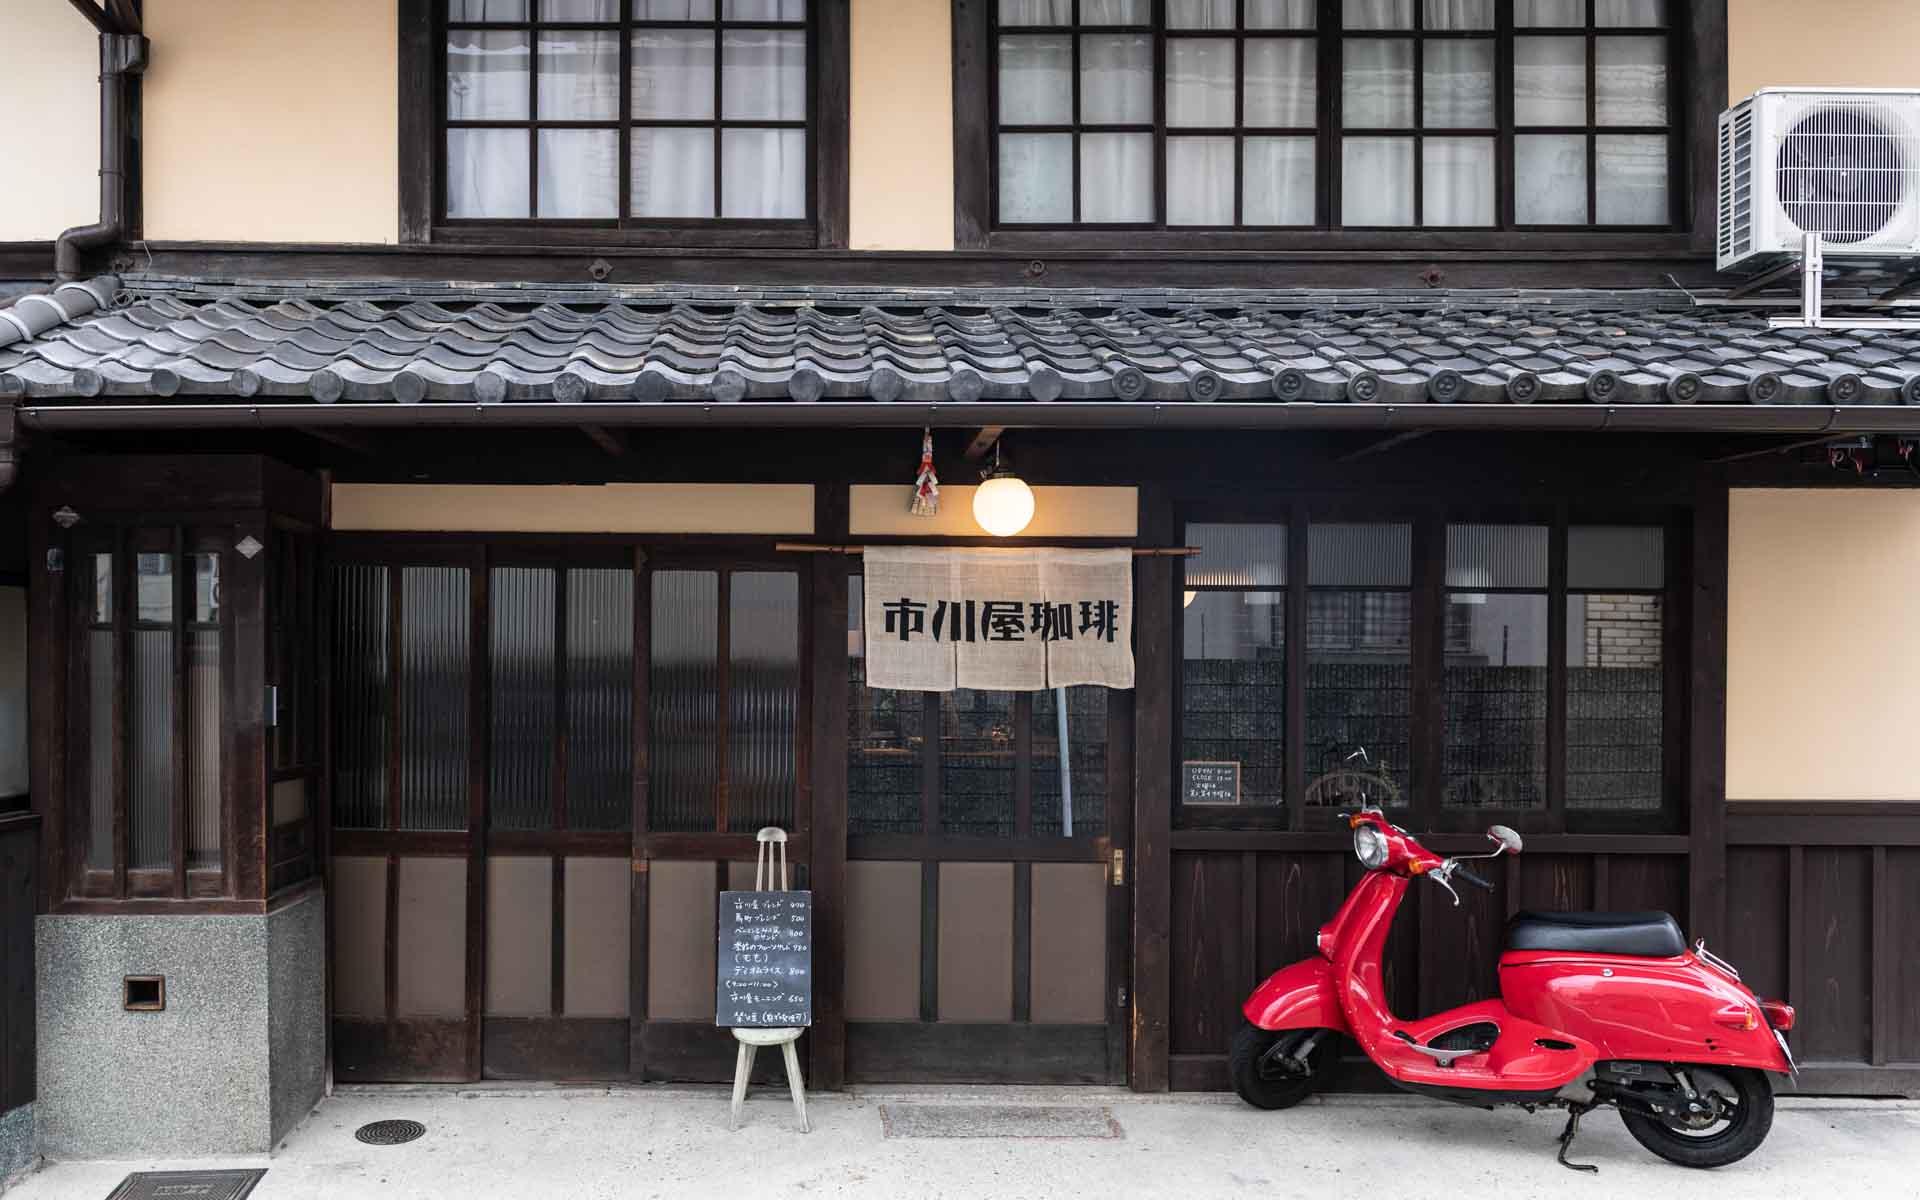 「一杯のコーヒーができること」を考え抜いた喫茶店──京都・市川屋珈琲が伝える工芸の魅力